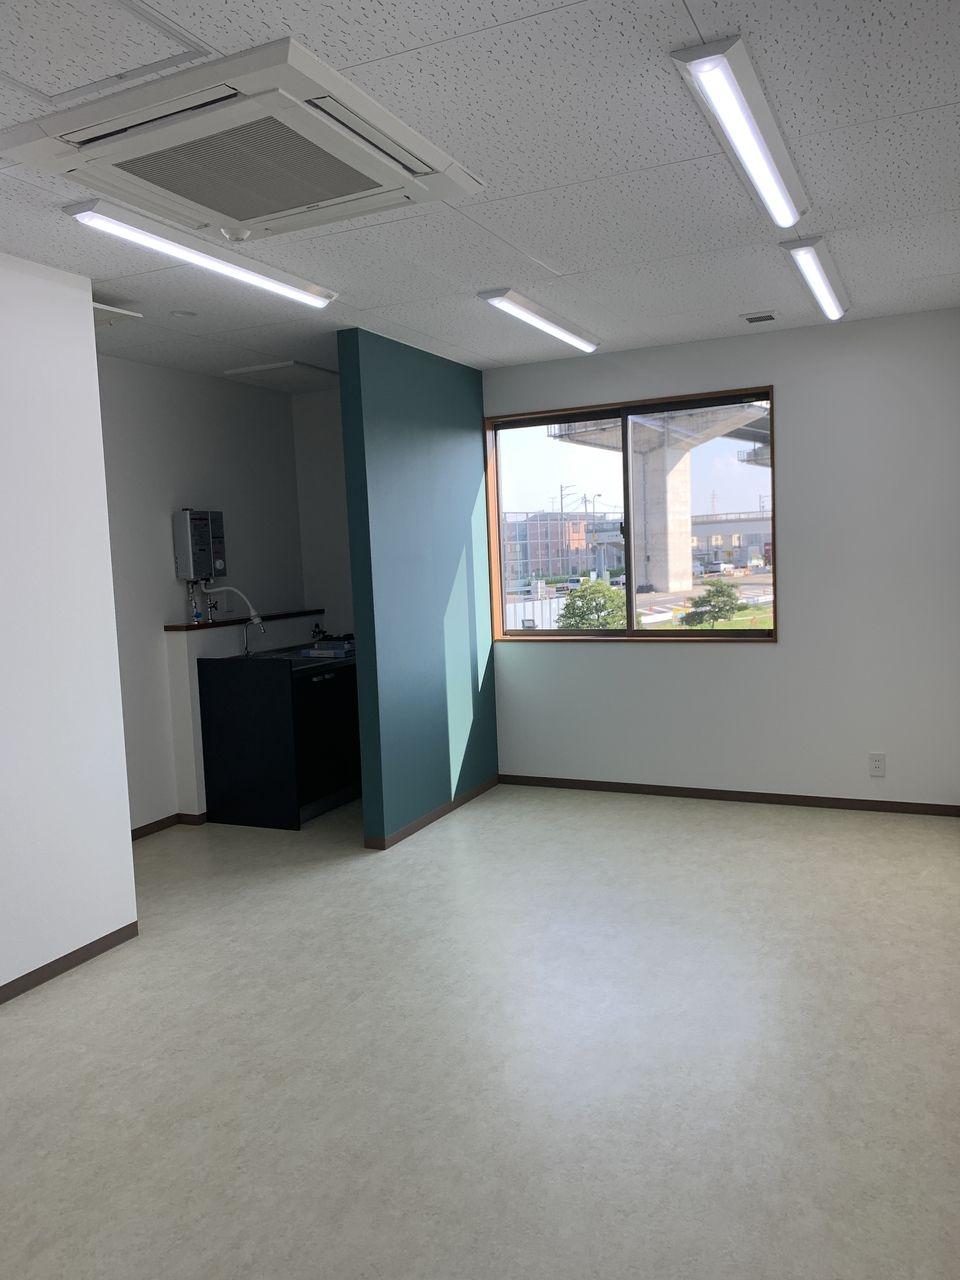 2階は天井カセット型エアコン、照明、流し台が設置済みの事務所仕様に仕上げています。設備不良の心配なしです。